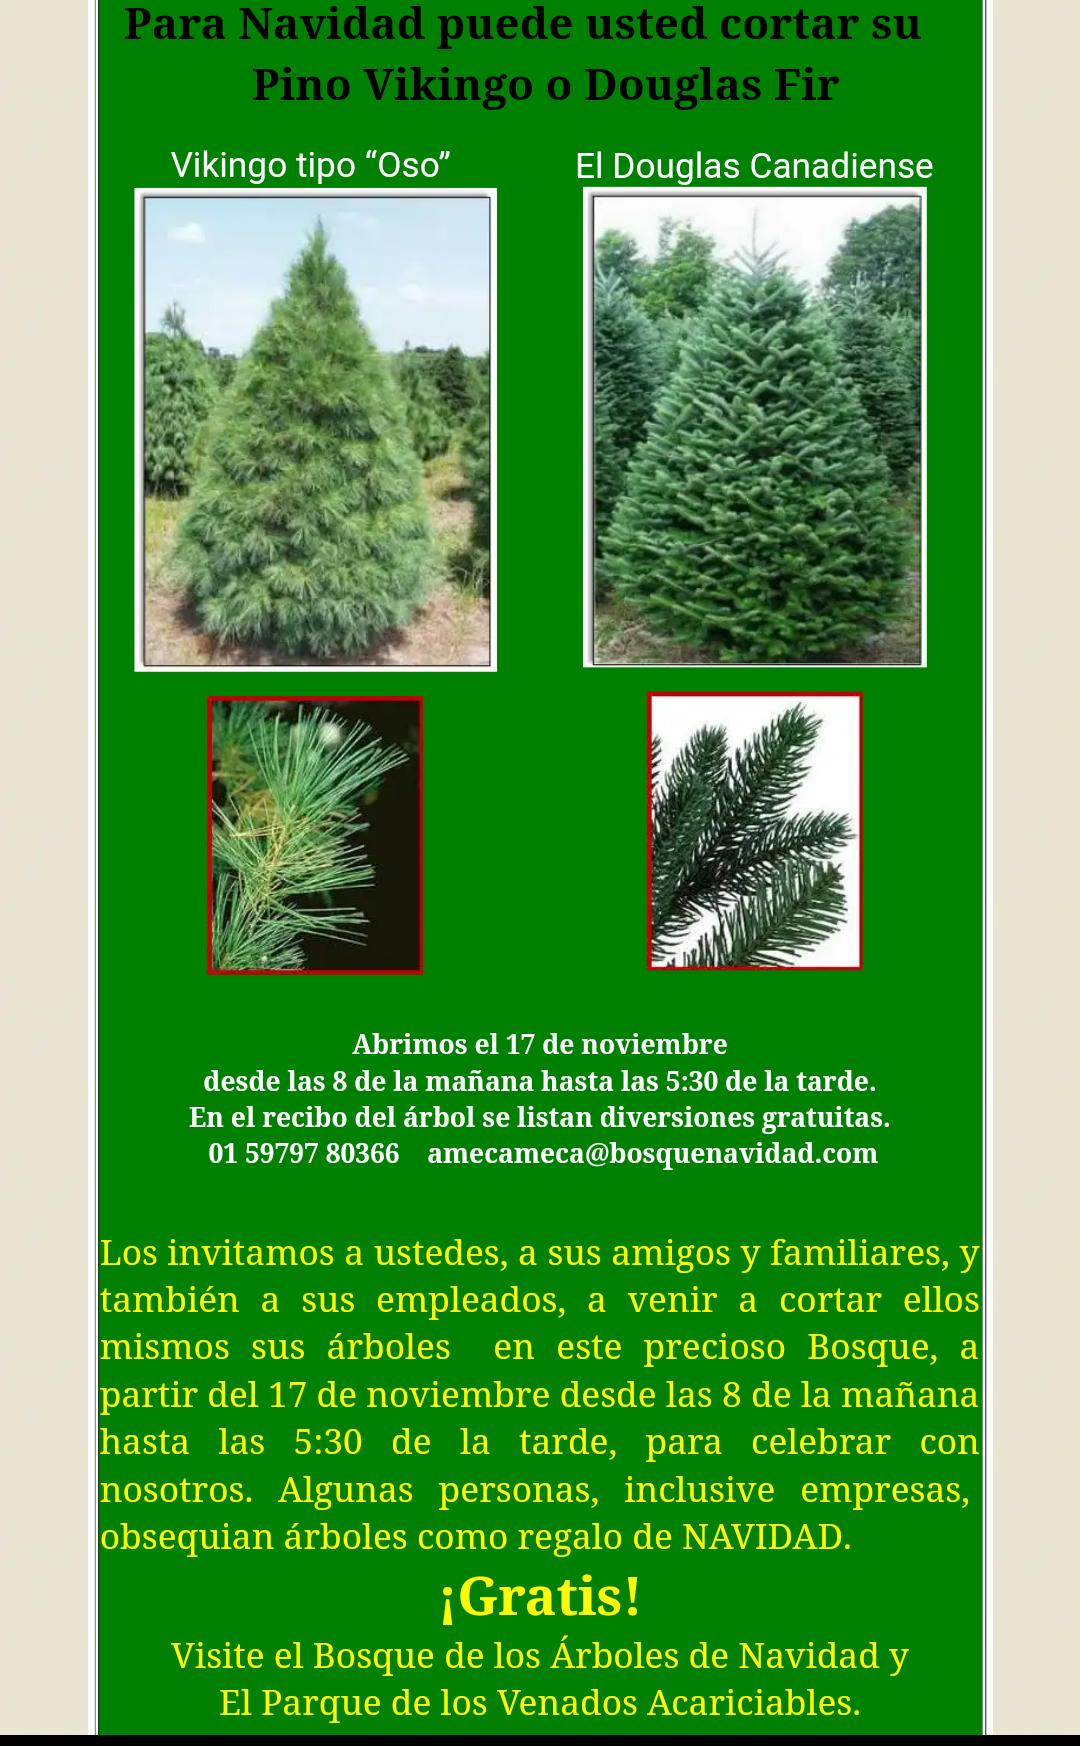 Bosque de los árboles de navidad: Entrada gratis para 6 personas al Parque de los venados acariciables en la compra de tu árbol de navidad.